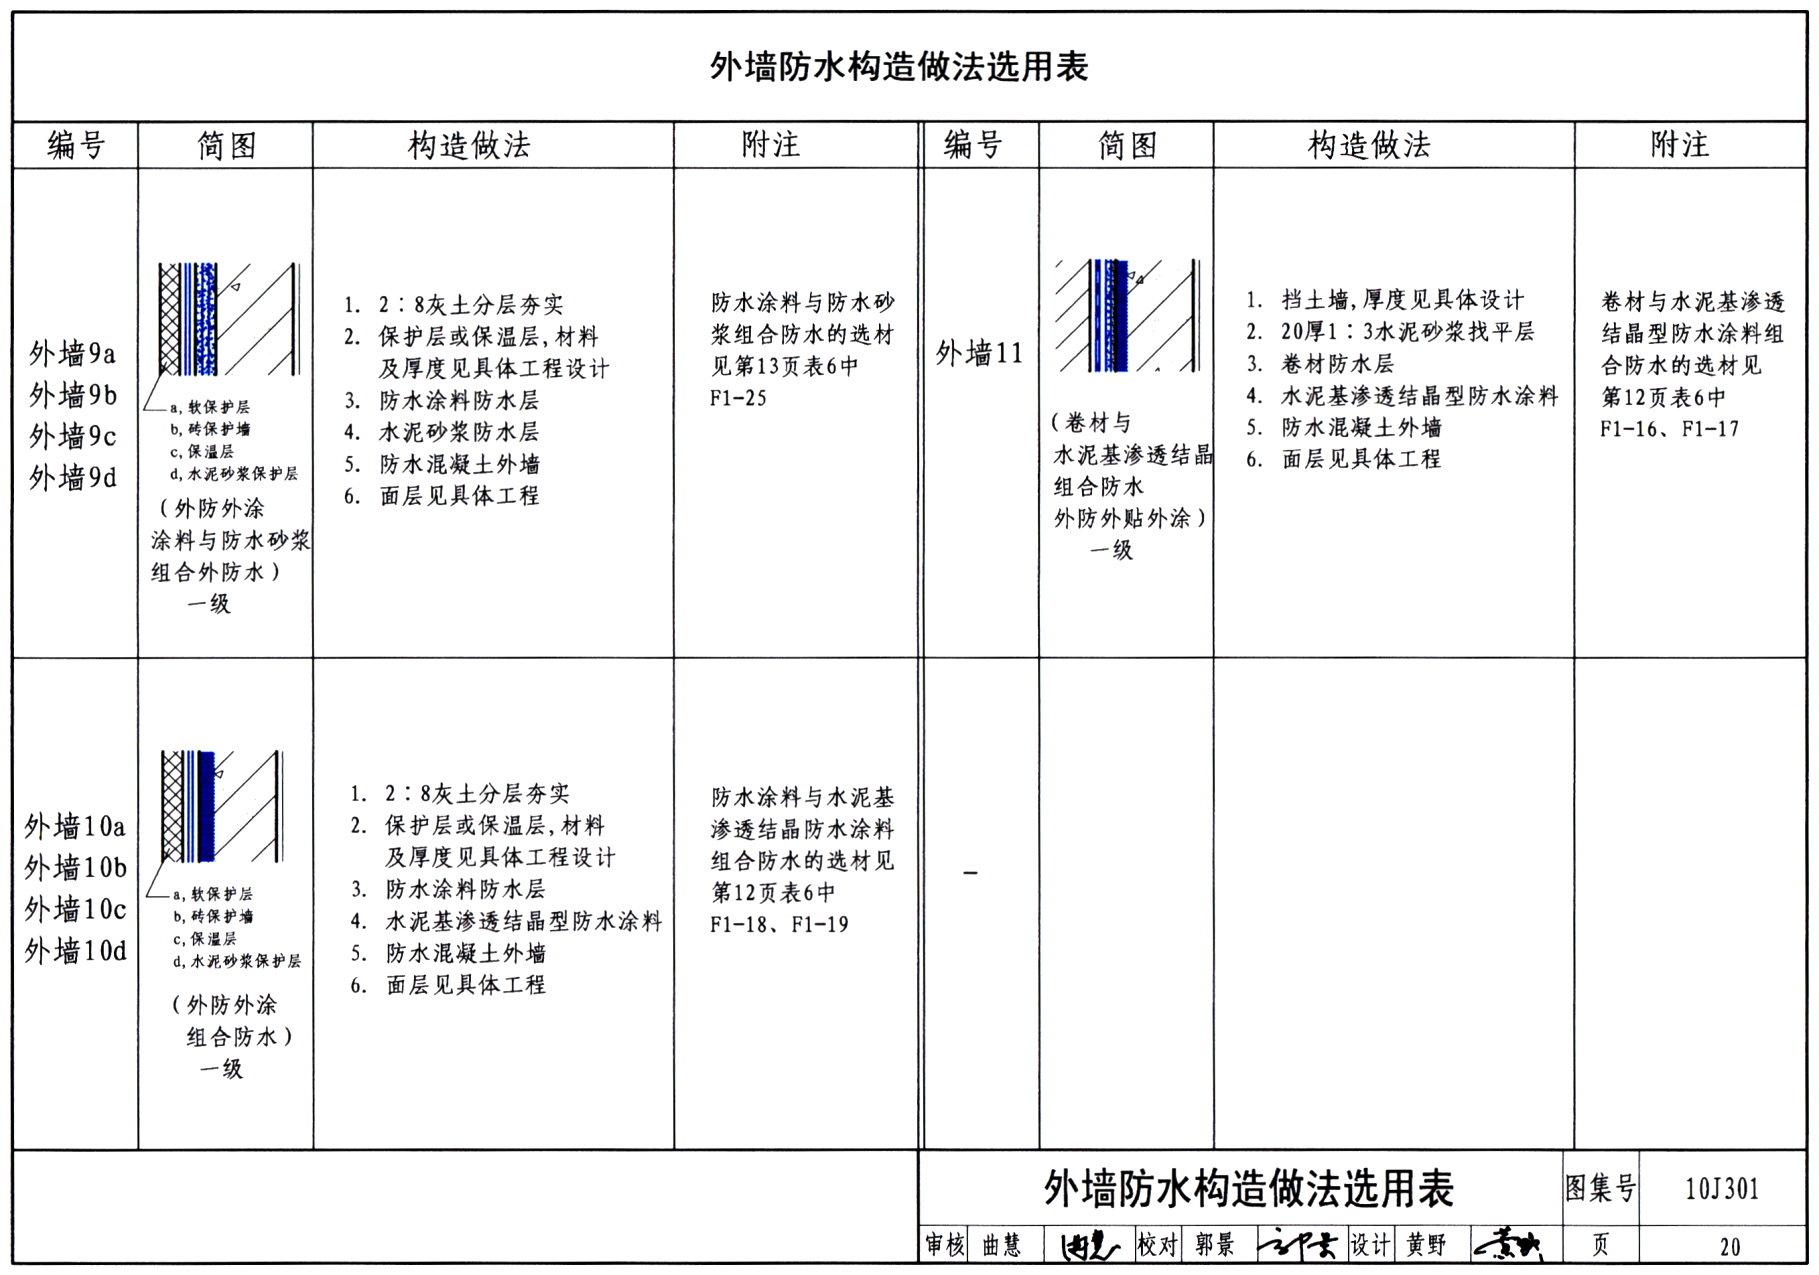 国家建筑标准设计图集 10j301《地下建筑防水构造》更正说明